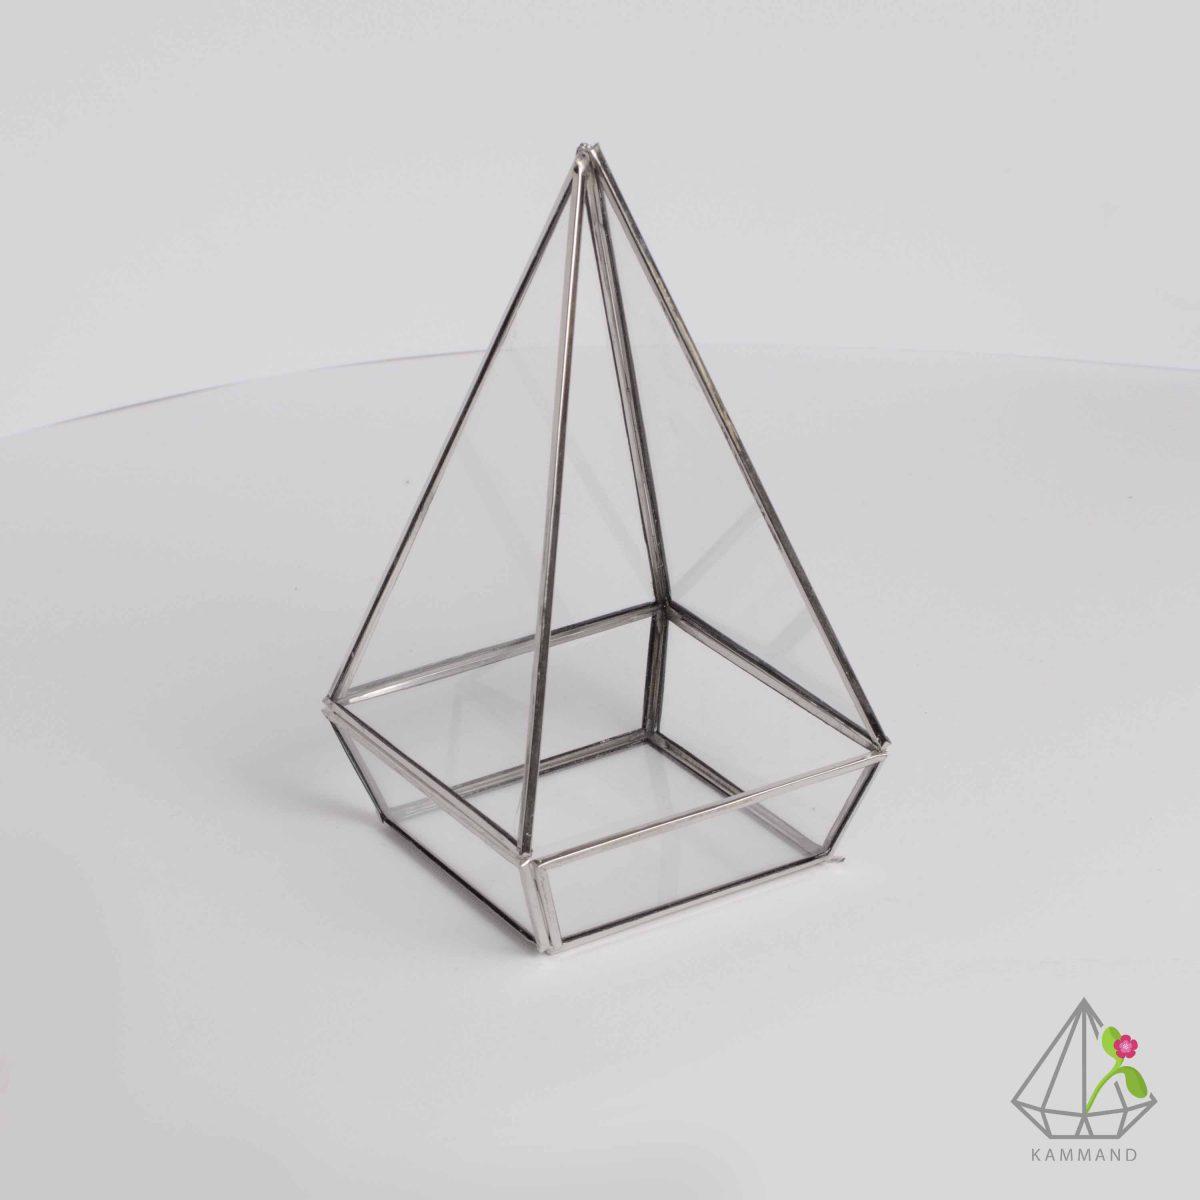 ظروف تراریوم، تراریوم چند وجهی ، تراریوم چند وجهی، تراریوم مثلثی ،گلدان شیشه ای، تراریوم، باغ شیشه ای ، فروشگاه اینترنتی کمند